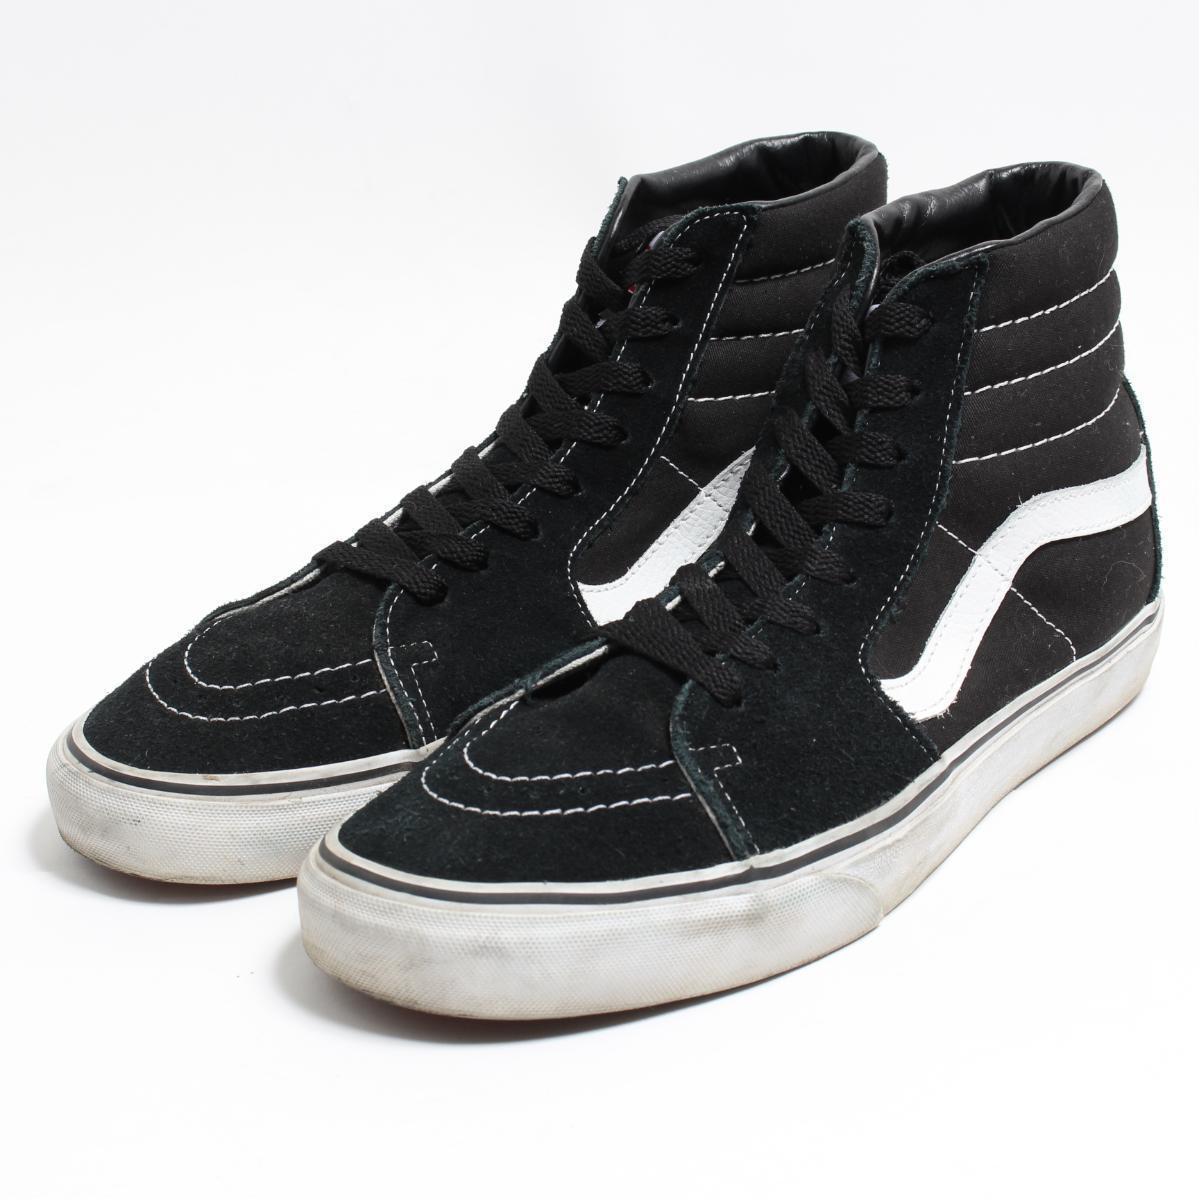 6bf53976cdd VINTAGE CLOTHING JAM  Vans VANS SK8-HI high-top sneakers US10 men ...